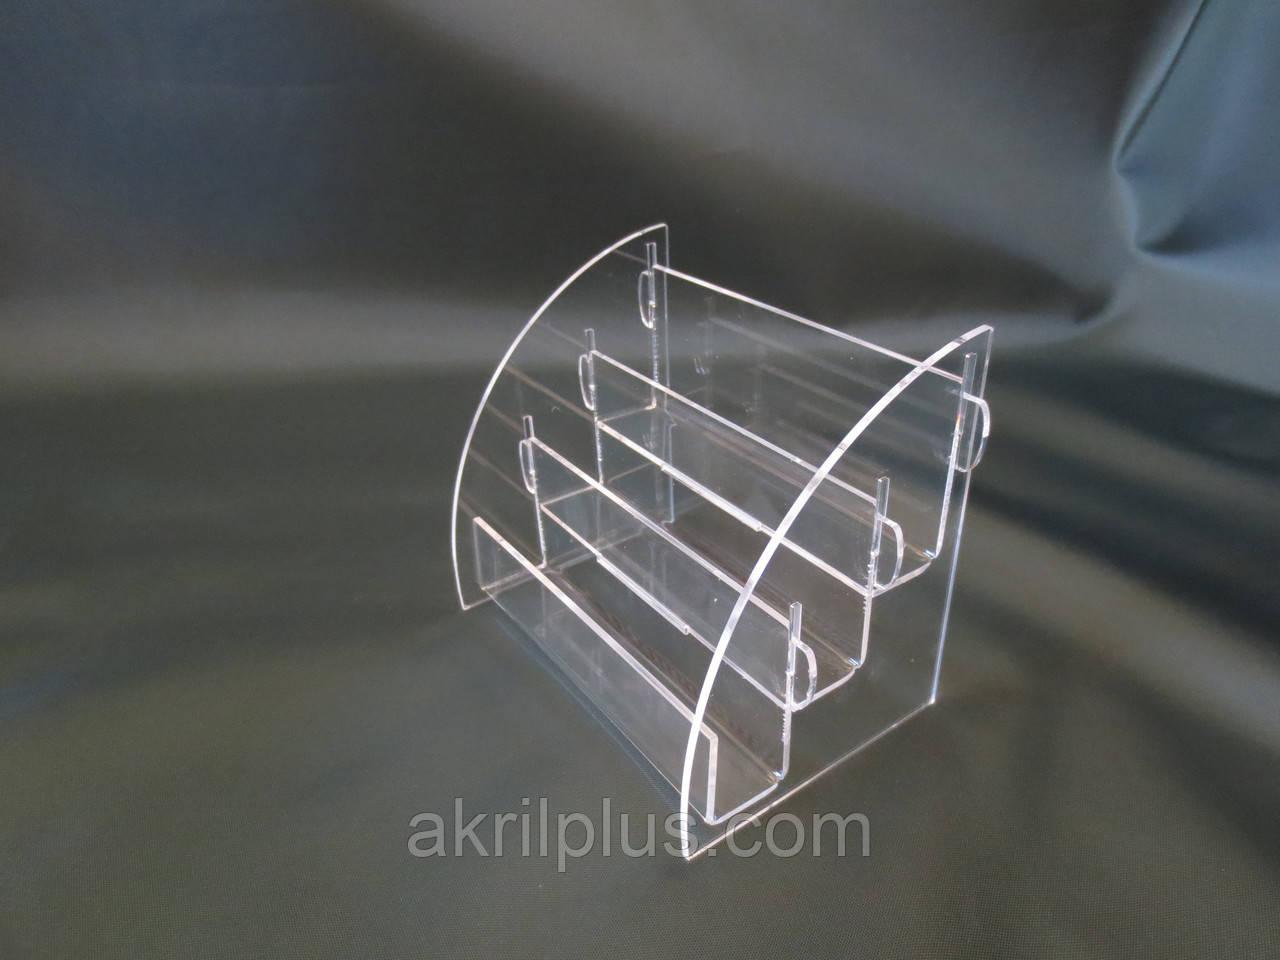 Визитница 3-ярусная акриловая, фото 1